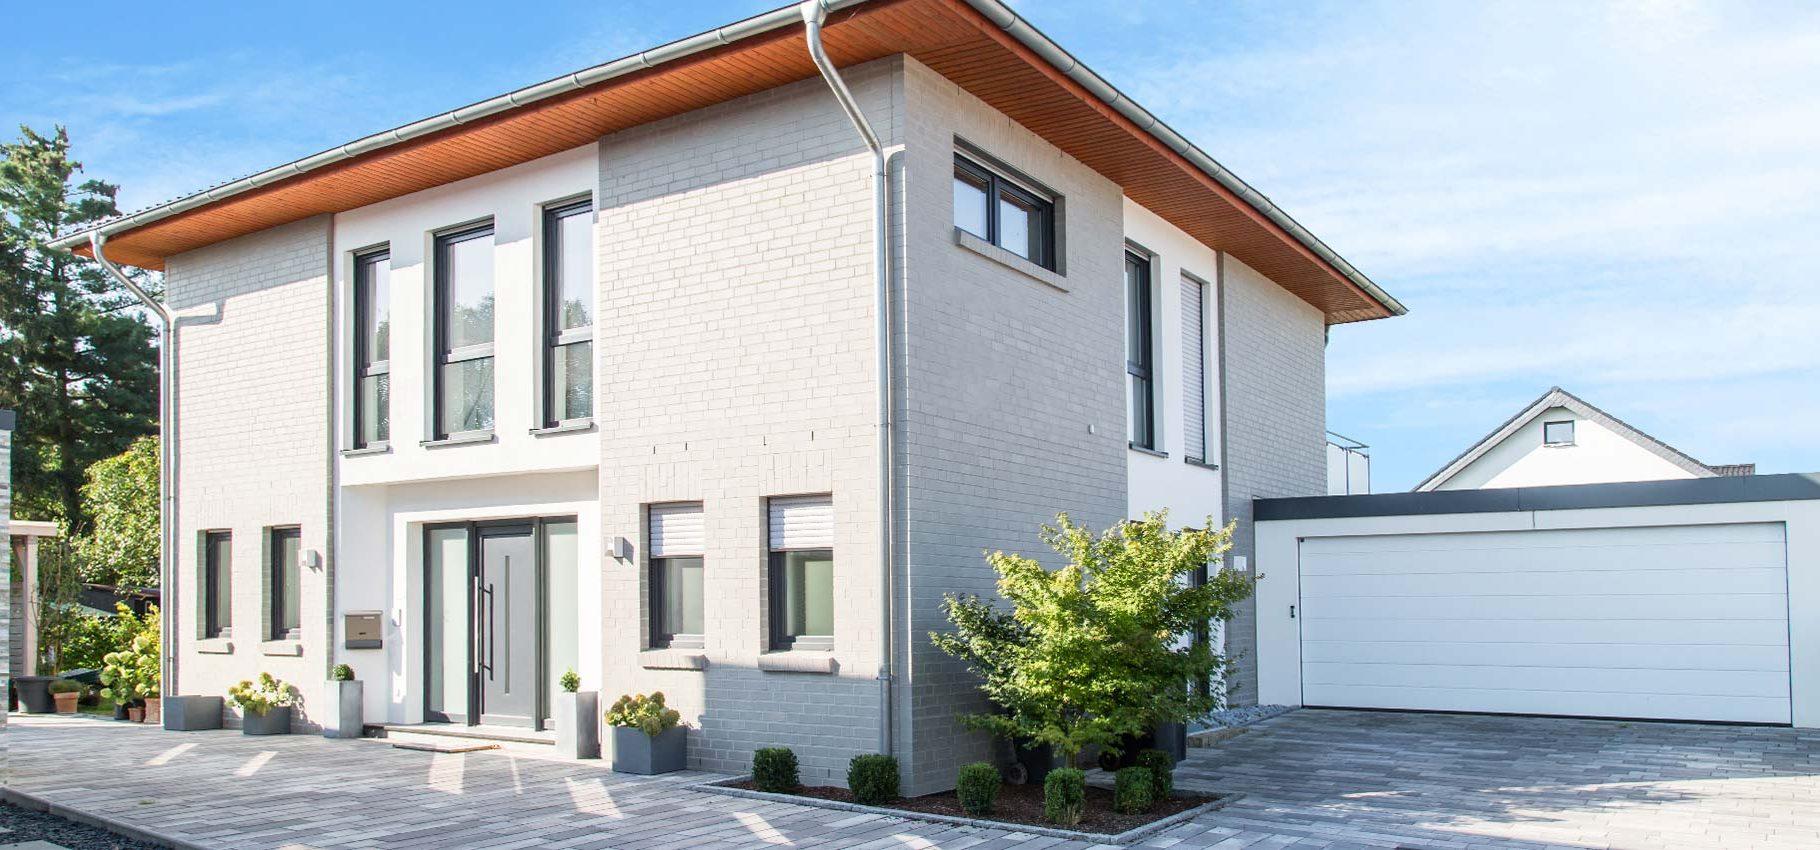 Haus Capellmann 1809